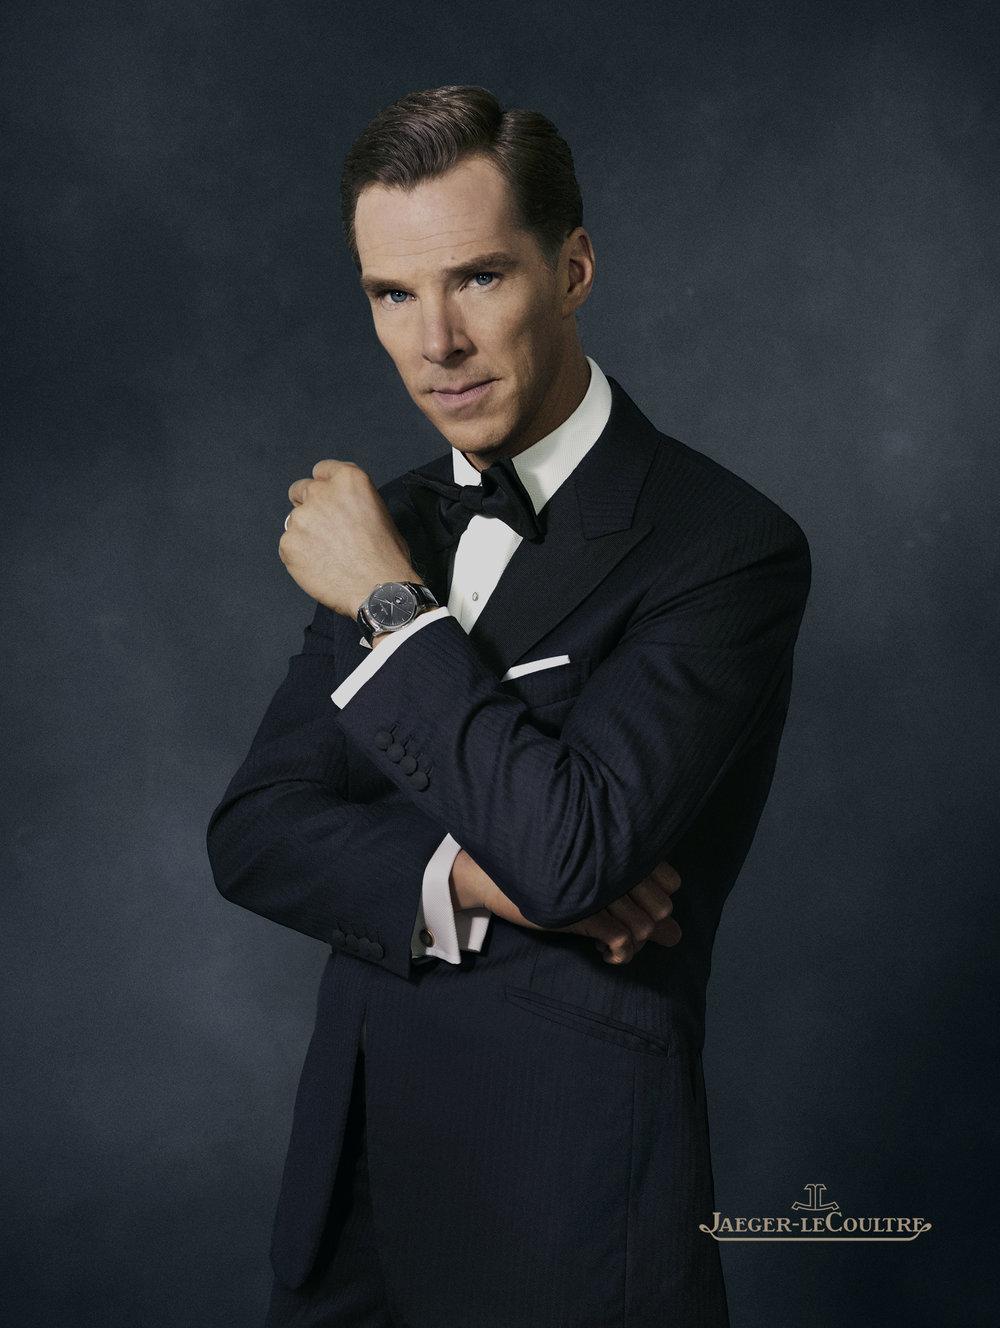 Benedict Cumberbatch_365_V02 low res.jpg